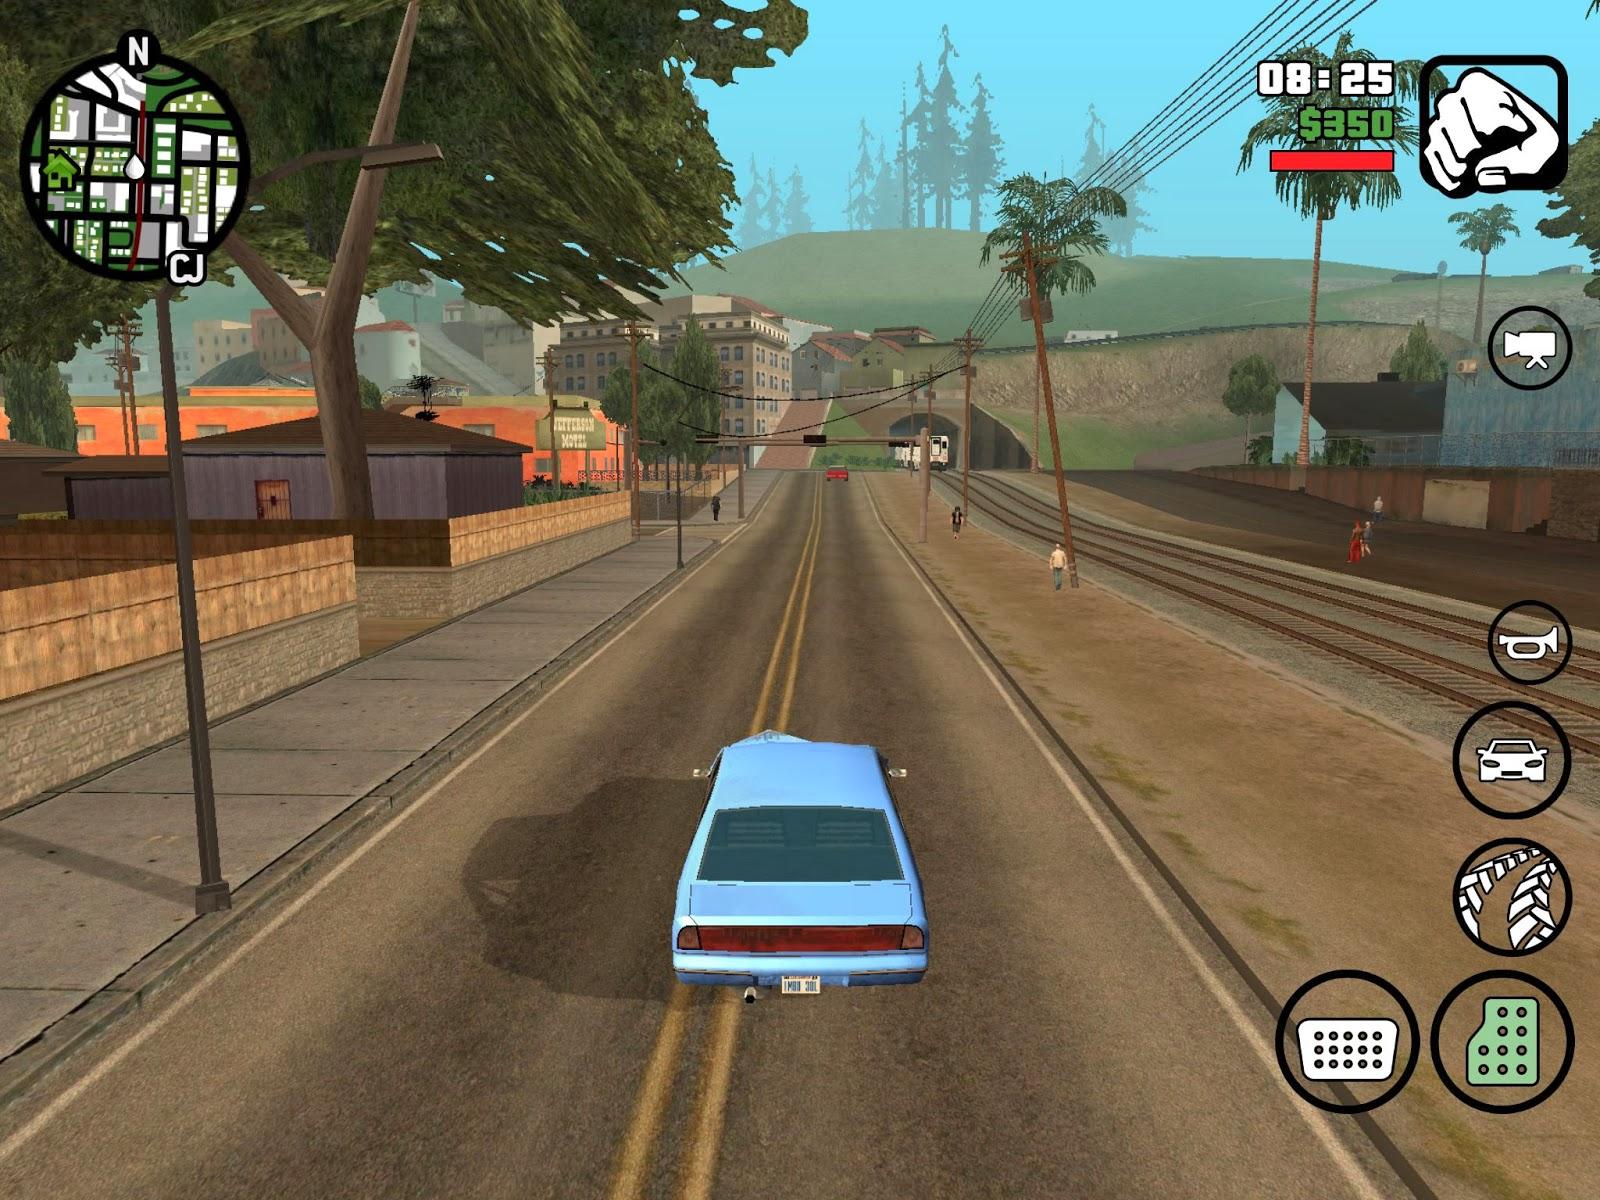 Gta San Andreas Cheat Mod Apk No Root V1 03 1 03 Mod